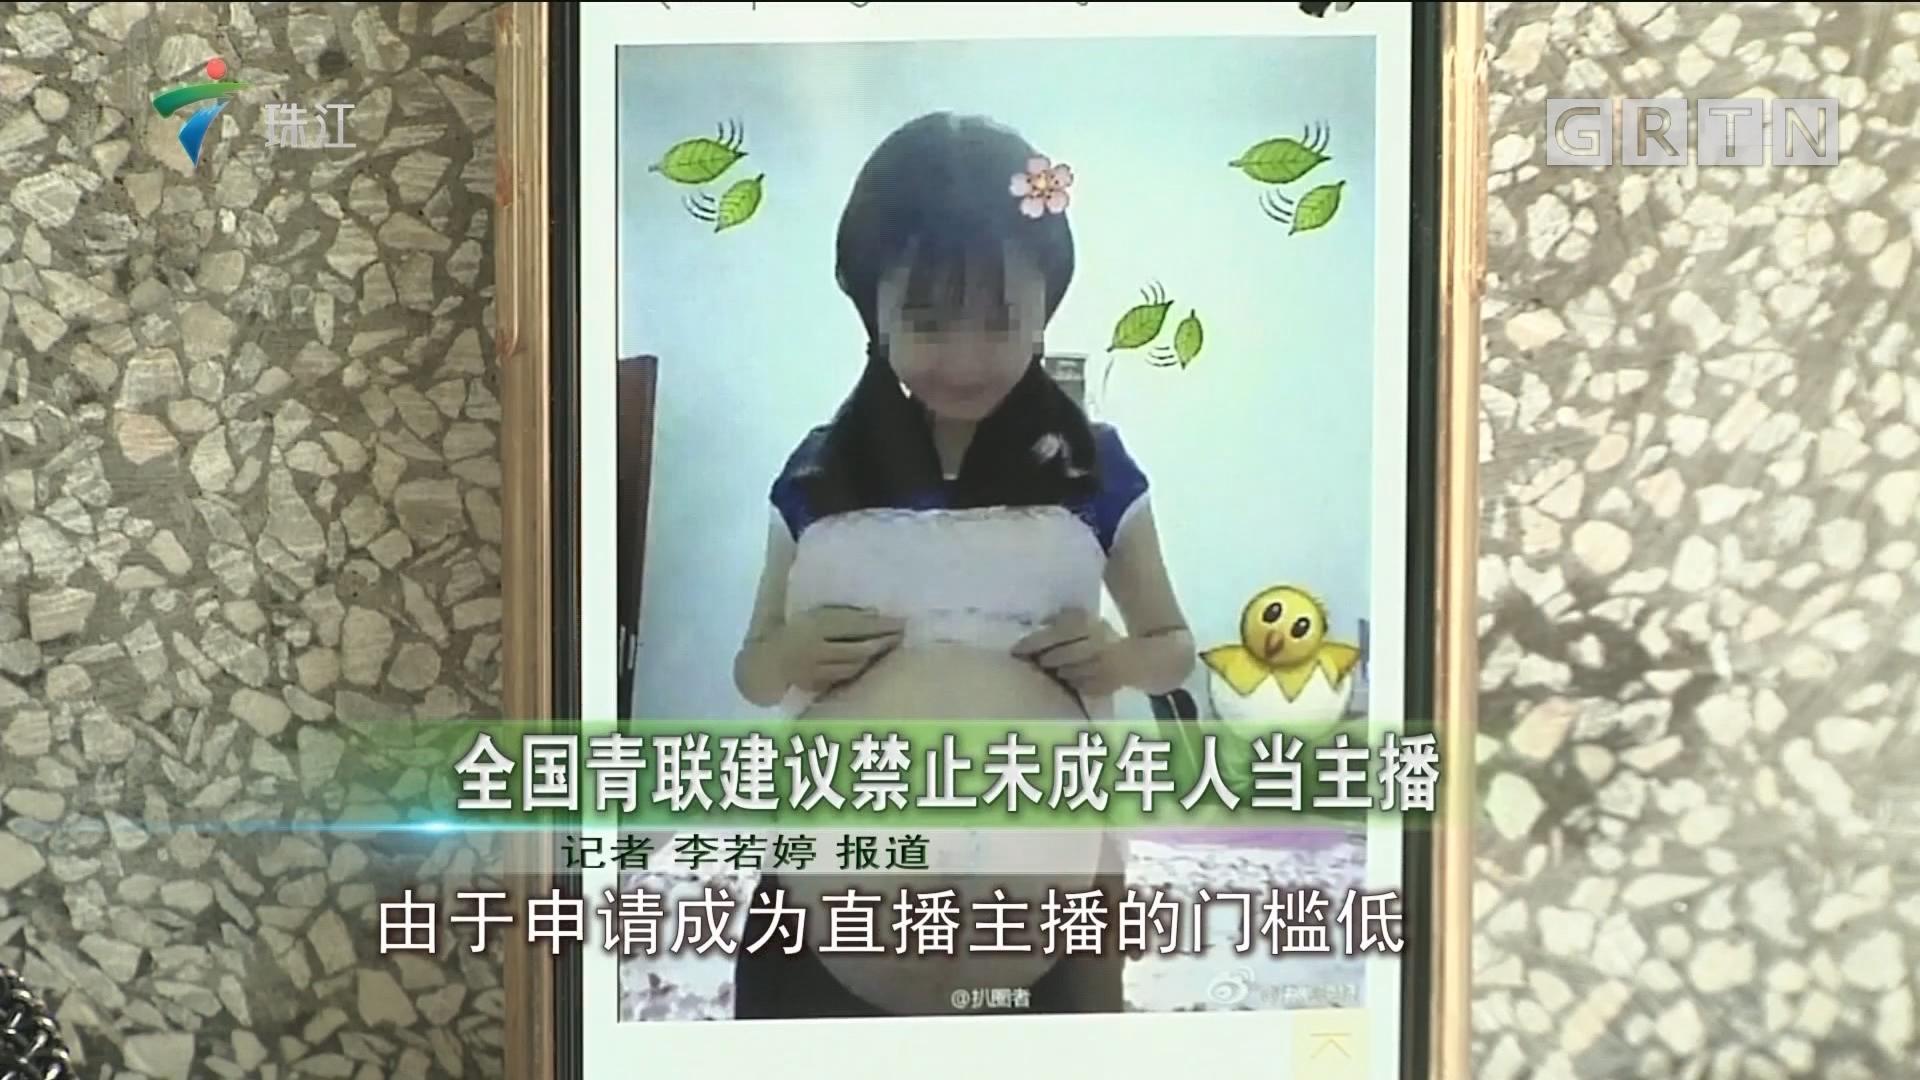 全国青联建议禁止未成年人当主播